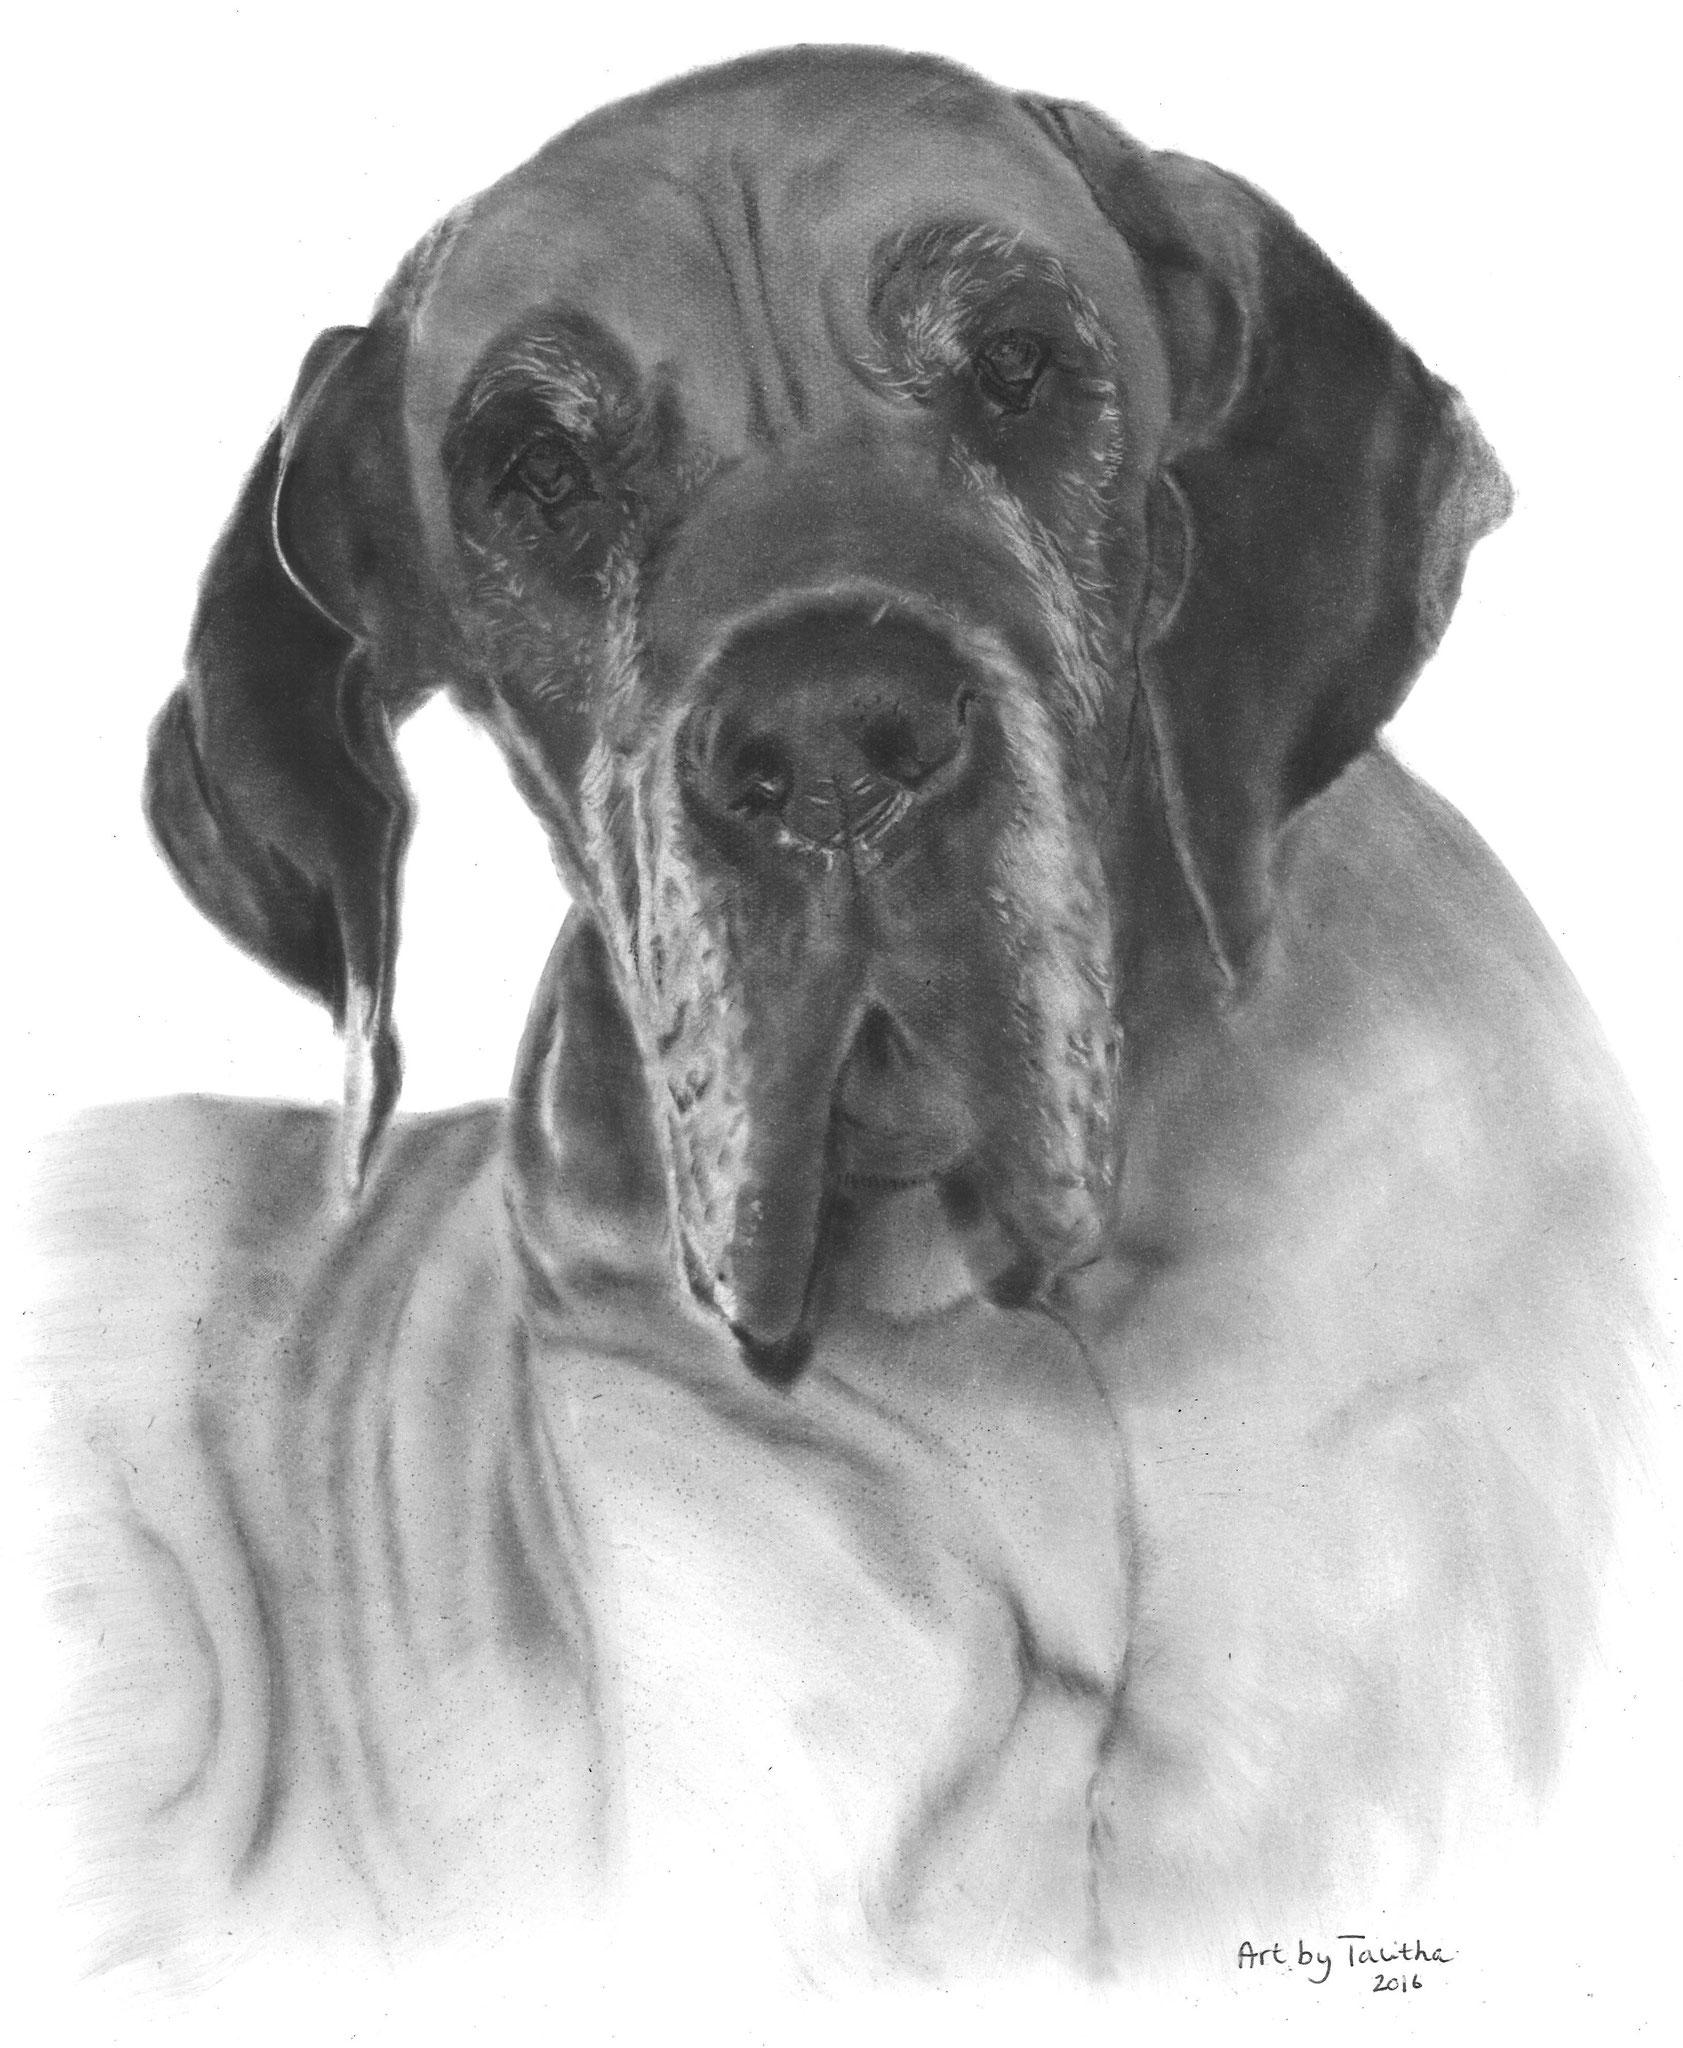 'Jaelle de Duitse Dog'